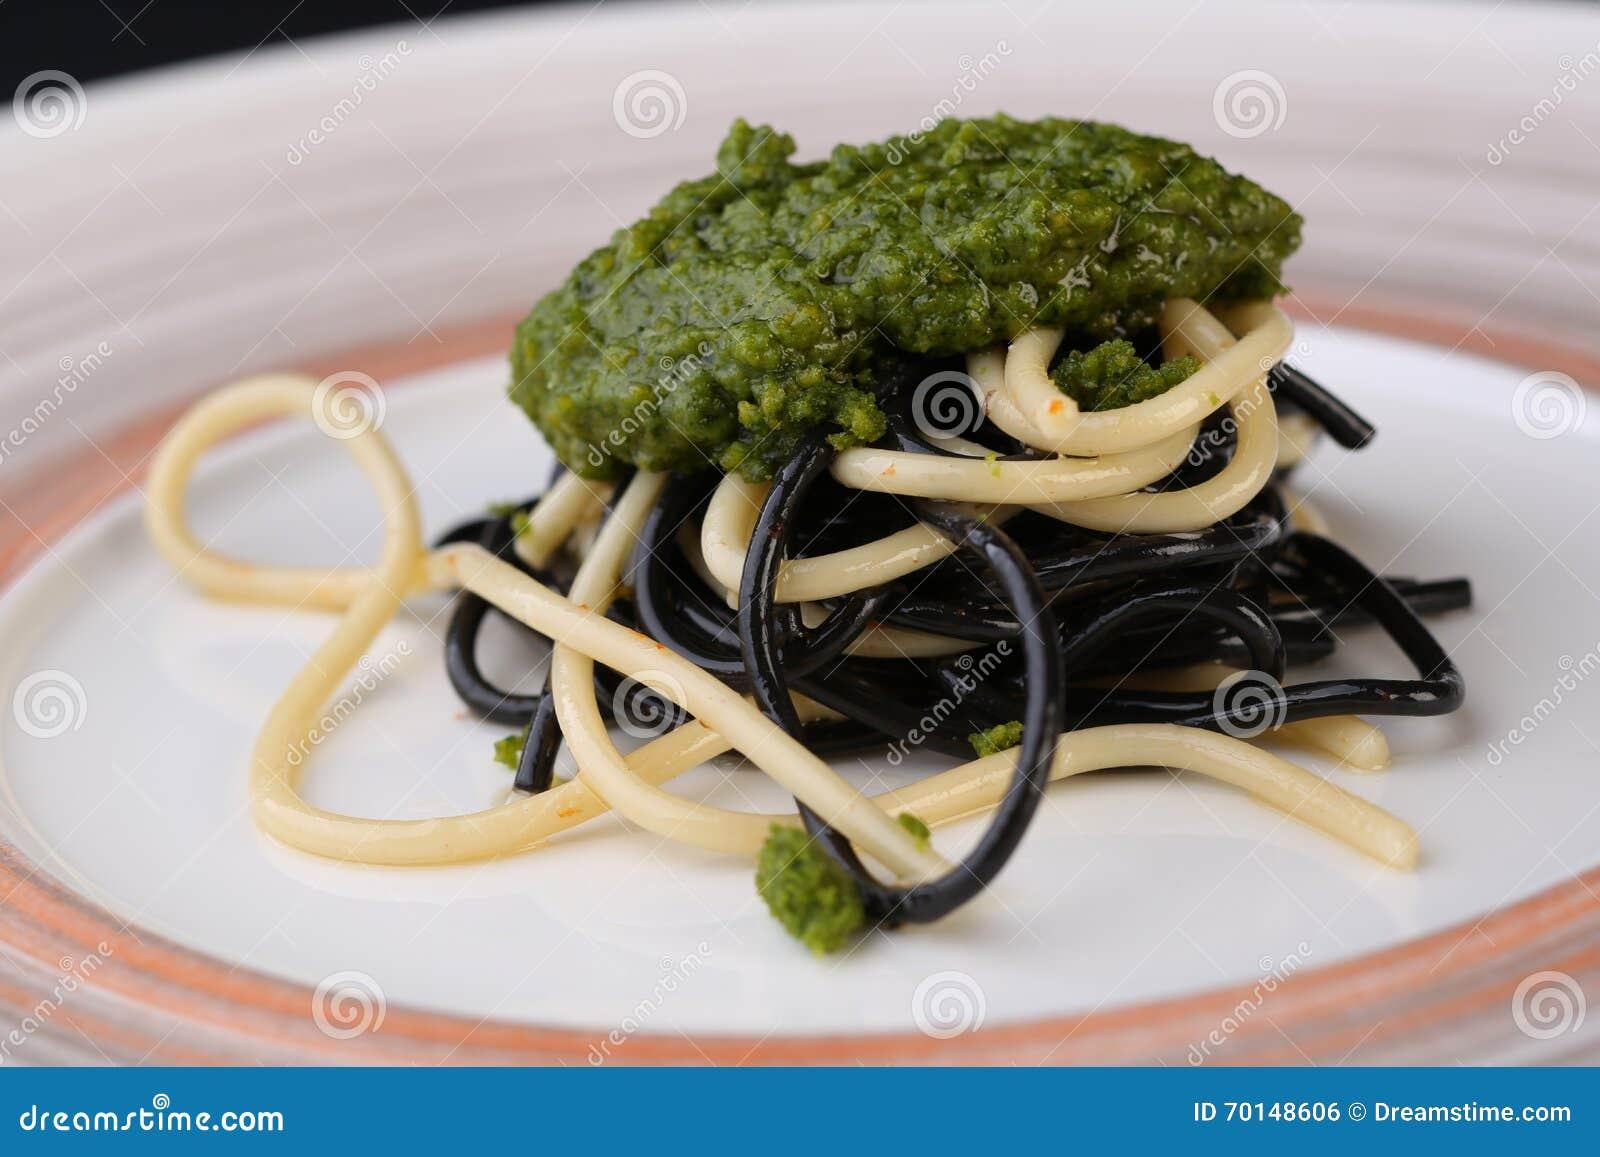 dieta pasta in bianconero